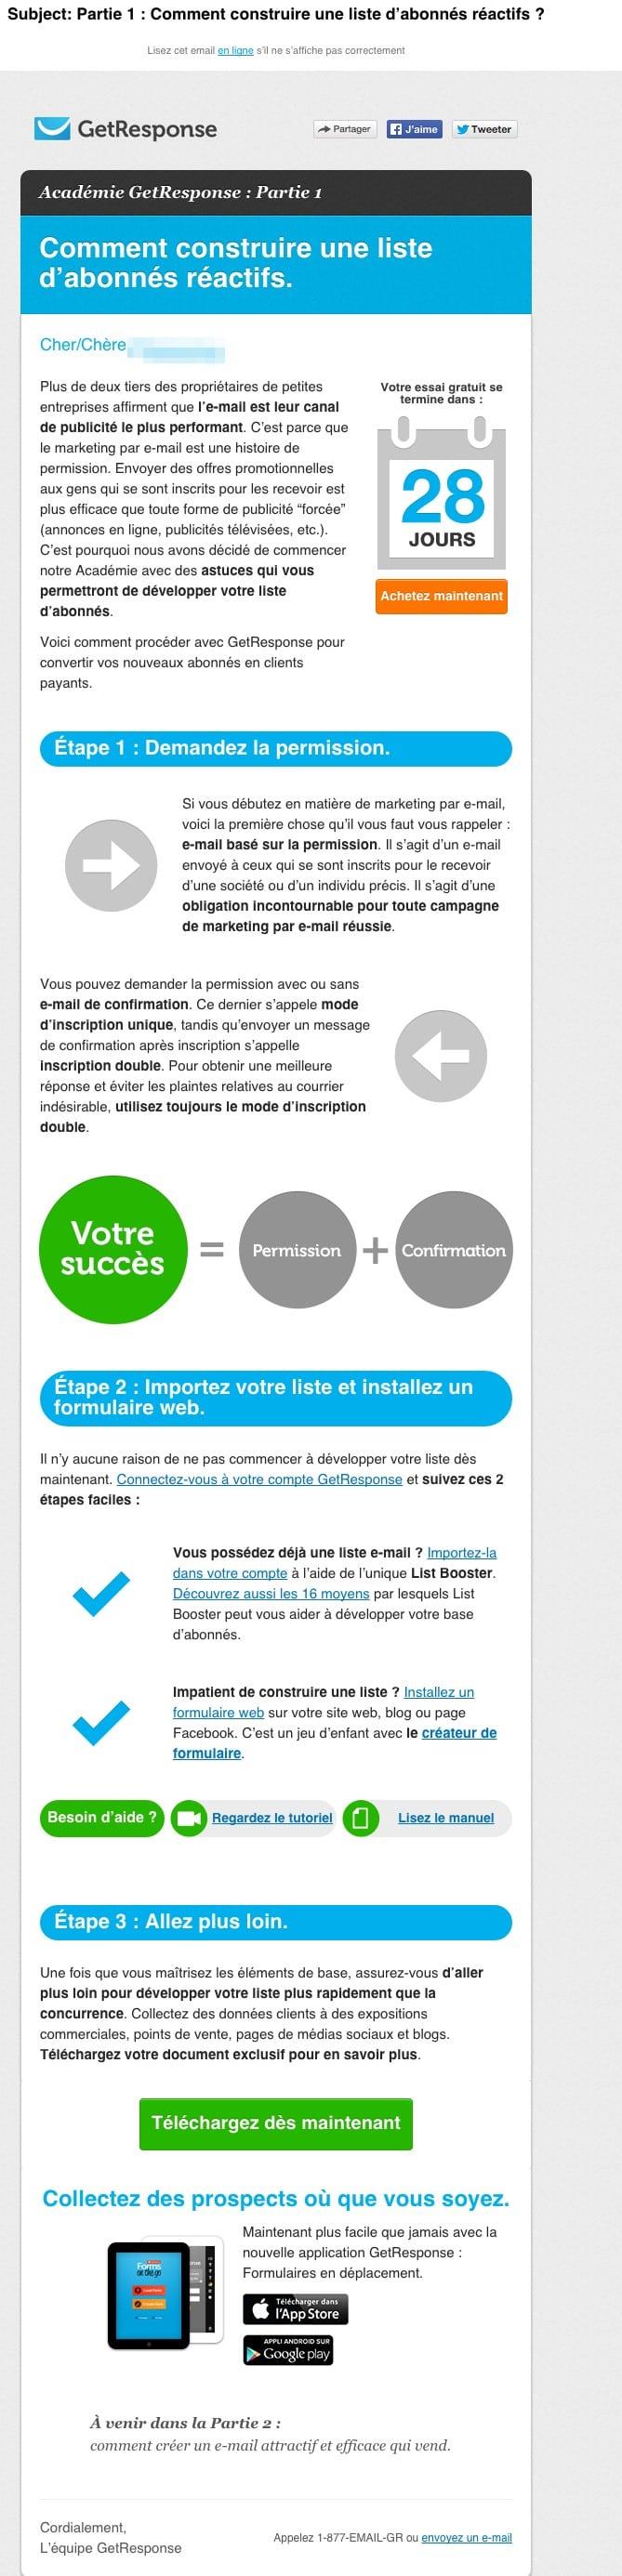 Fabulous Exemple de newsletter : 11 exemples d'emailing bien réussis ! II32